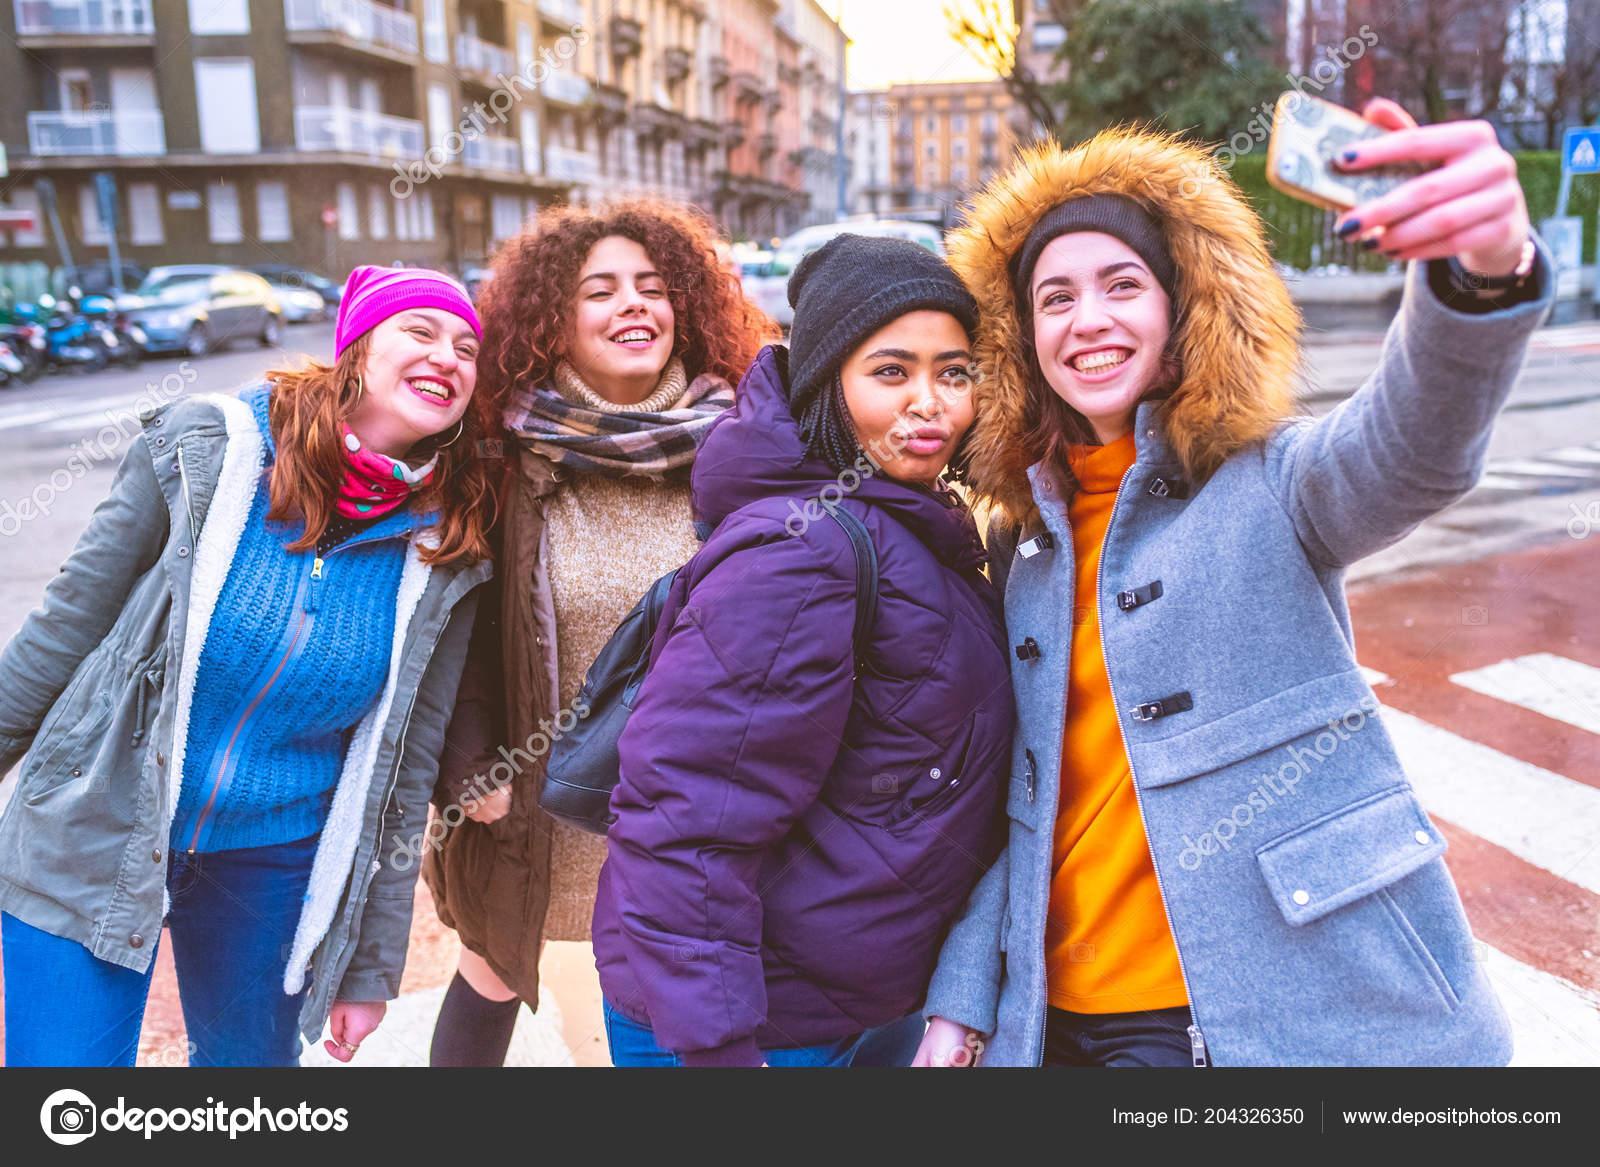 Amigas Maduras ᐈ mejores amigas imágenes de stock, fotos cuatro mejores